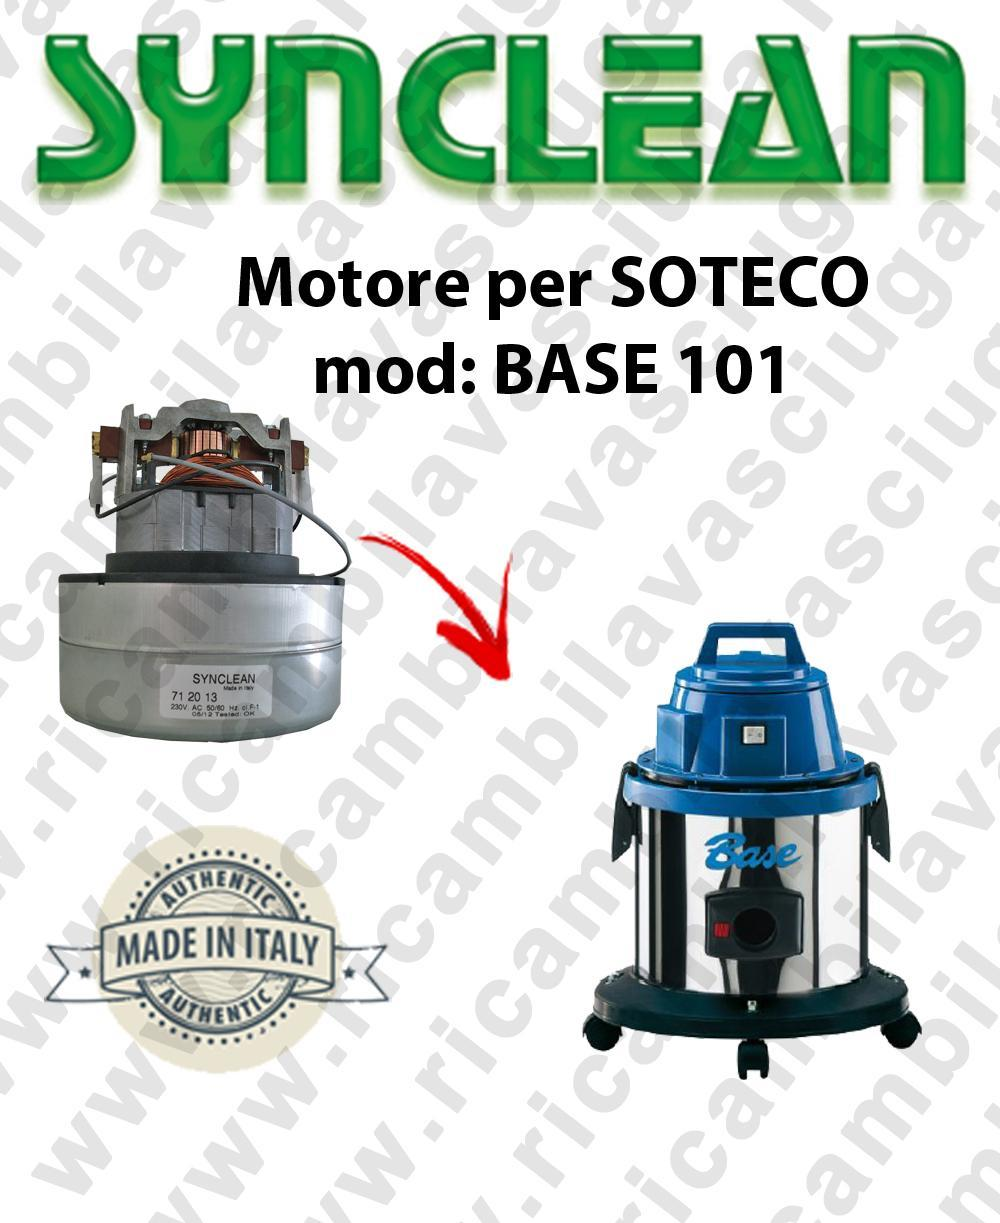 BASE 101 Vacuum motor SY NCLEAN  for vacuum cleaner SOTECO